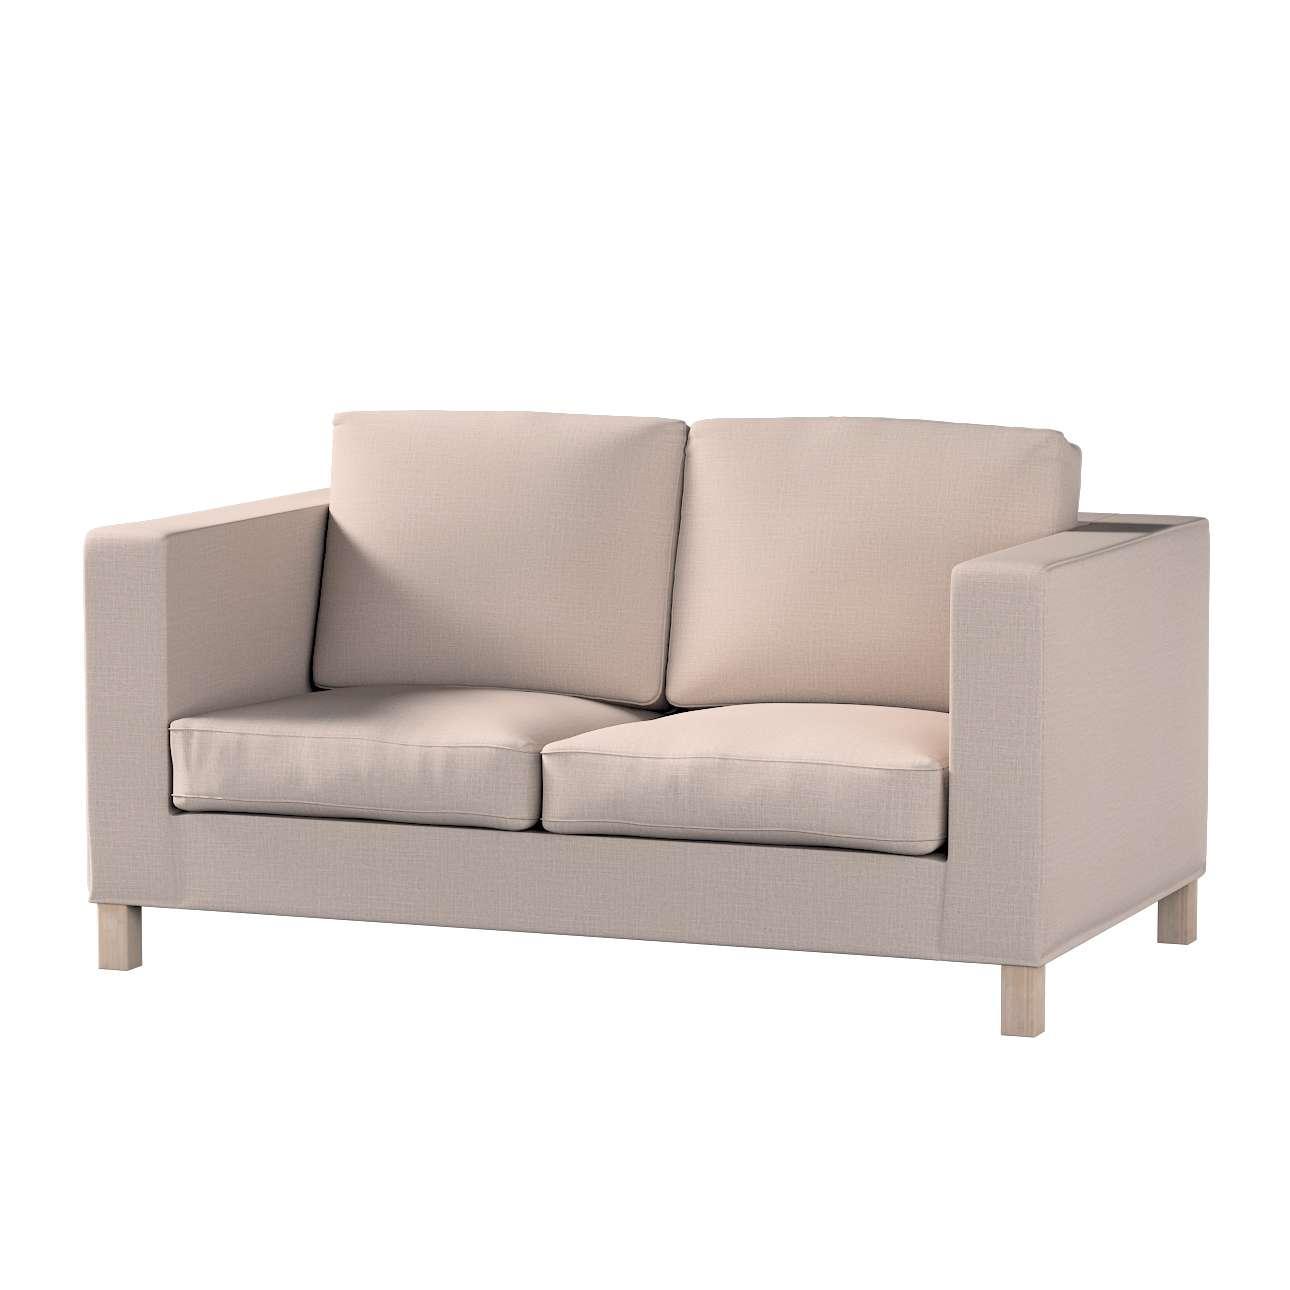 Bezug für Karlanda 2-Sitzer Sofa nicht ausklappbar, kurz von der Kollektion Living II, Stoff: 160-85